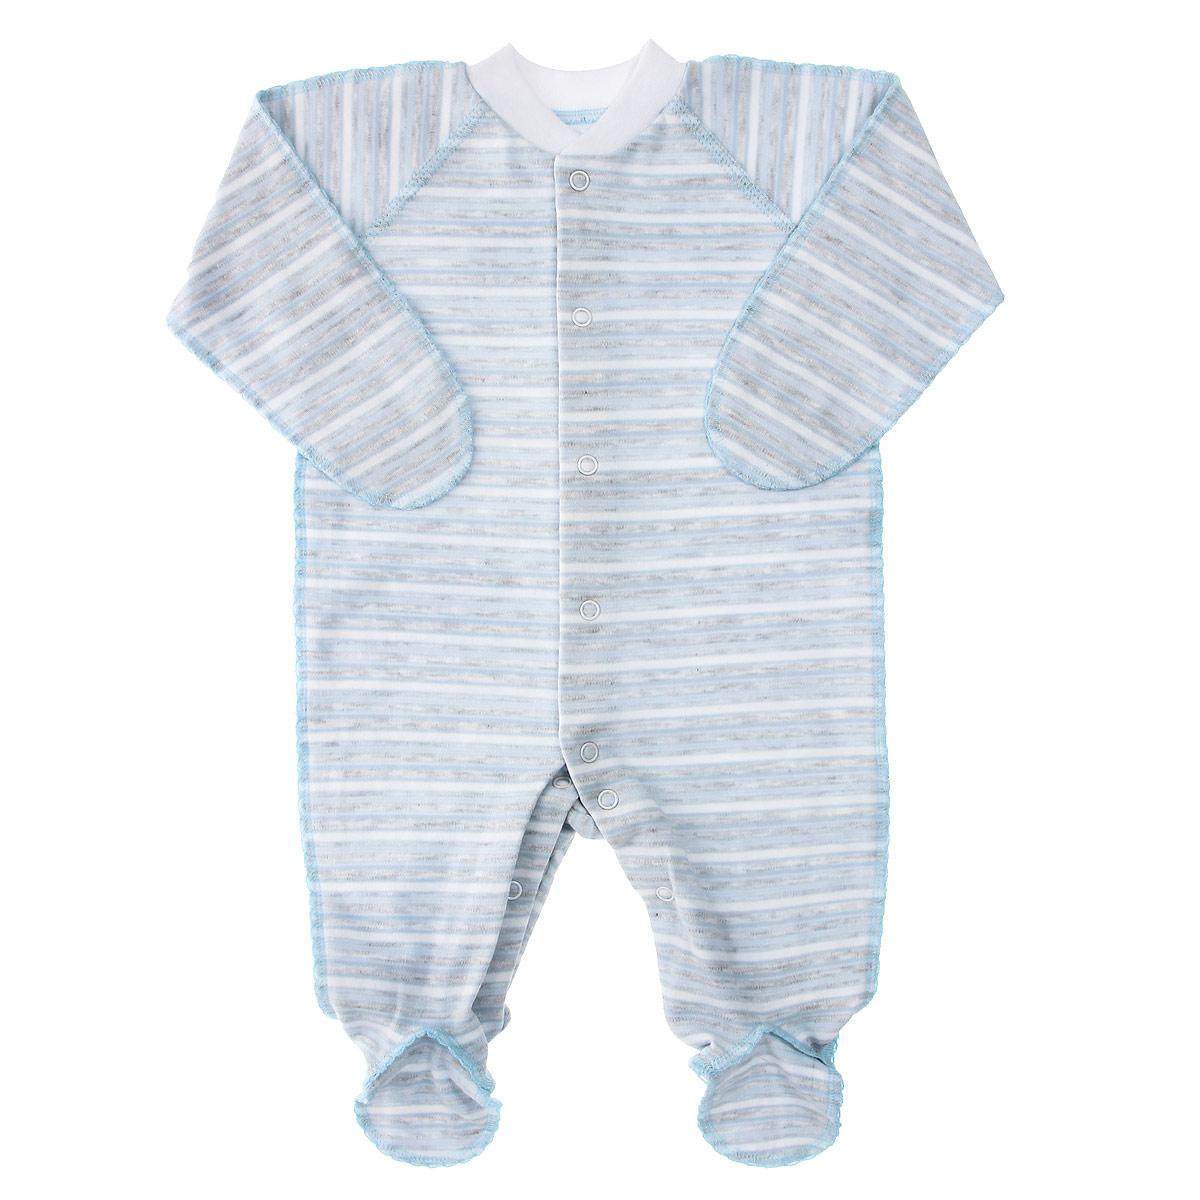 Комбинезон детский. 39-52339-523Комбинезон Фреш Стайл станет идеальным дополнением к гардеробу вашего ребенка. Выполненный из натурального хлопка, он необычайно мягкий и приятный на ощупь, не раздражают нежную кожу ребенка и хорошо вентилируется. Комбинезон с длинными рукавами, закрытыми ножками и воротником-стойкой застегиваются спереди на кнопки по всей длине и на ластовице, что облегчает переодевание ребенка и смену подгузника. Горловина дополнена эластичной резинкой. Благодаря рукавичкам ребенок не поцарапает себя. Оригинальное сочетание тканей и забавный рисунок делают этот предмет детской одежды оригинальным и стильным.